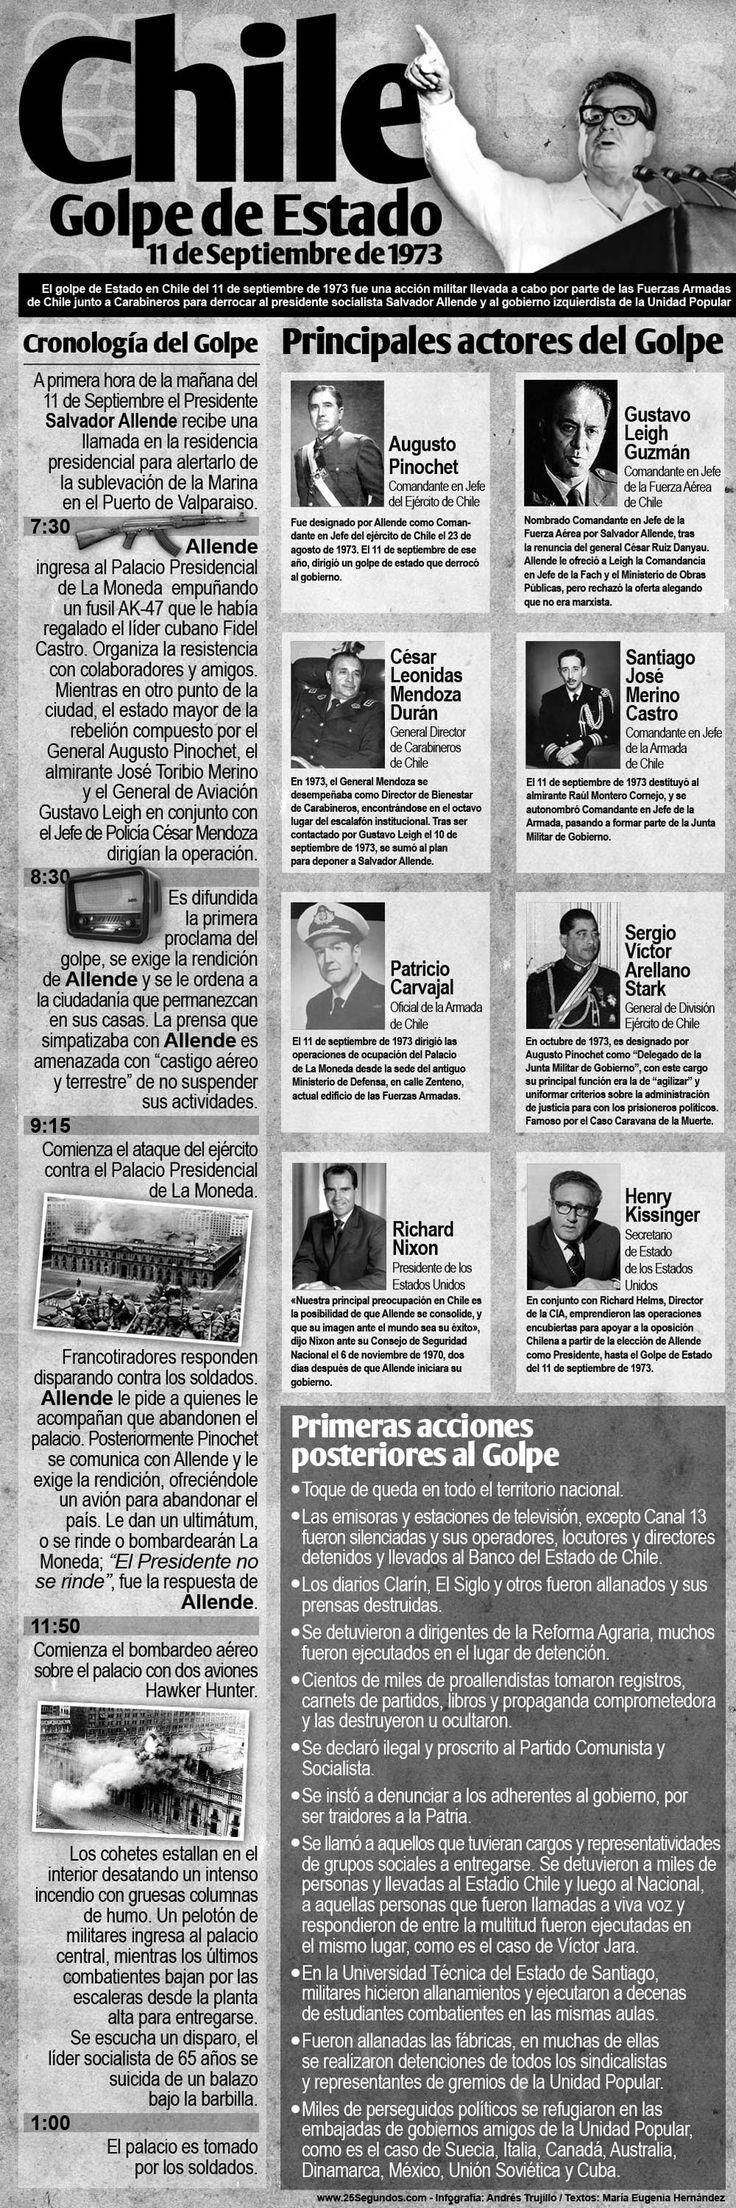 Golpe de estado Chile 11S1973